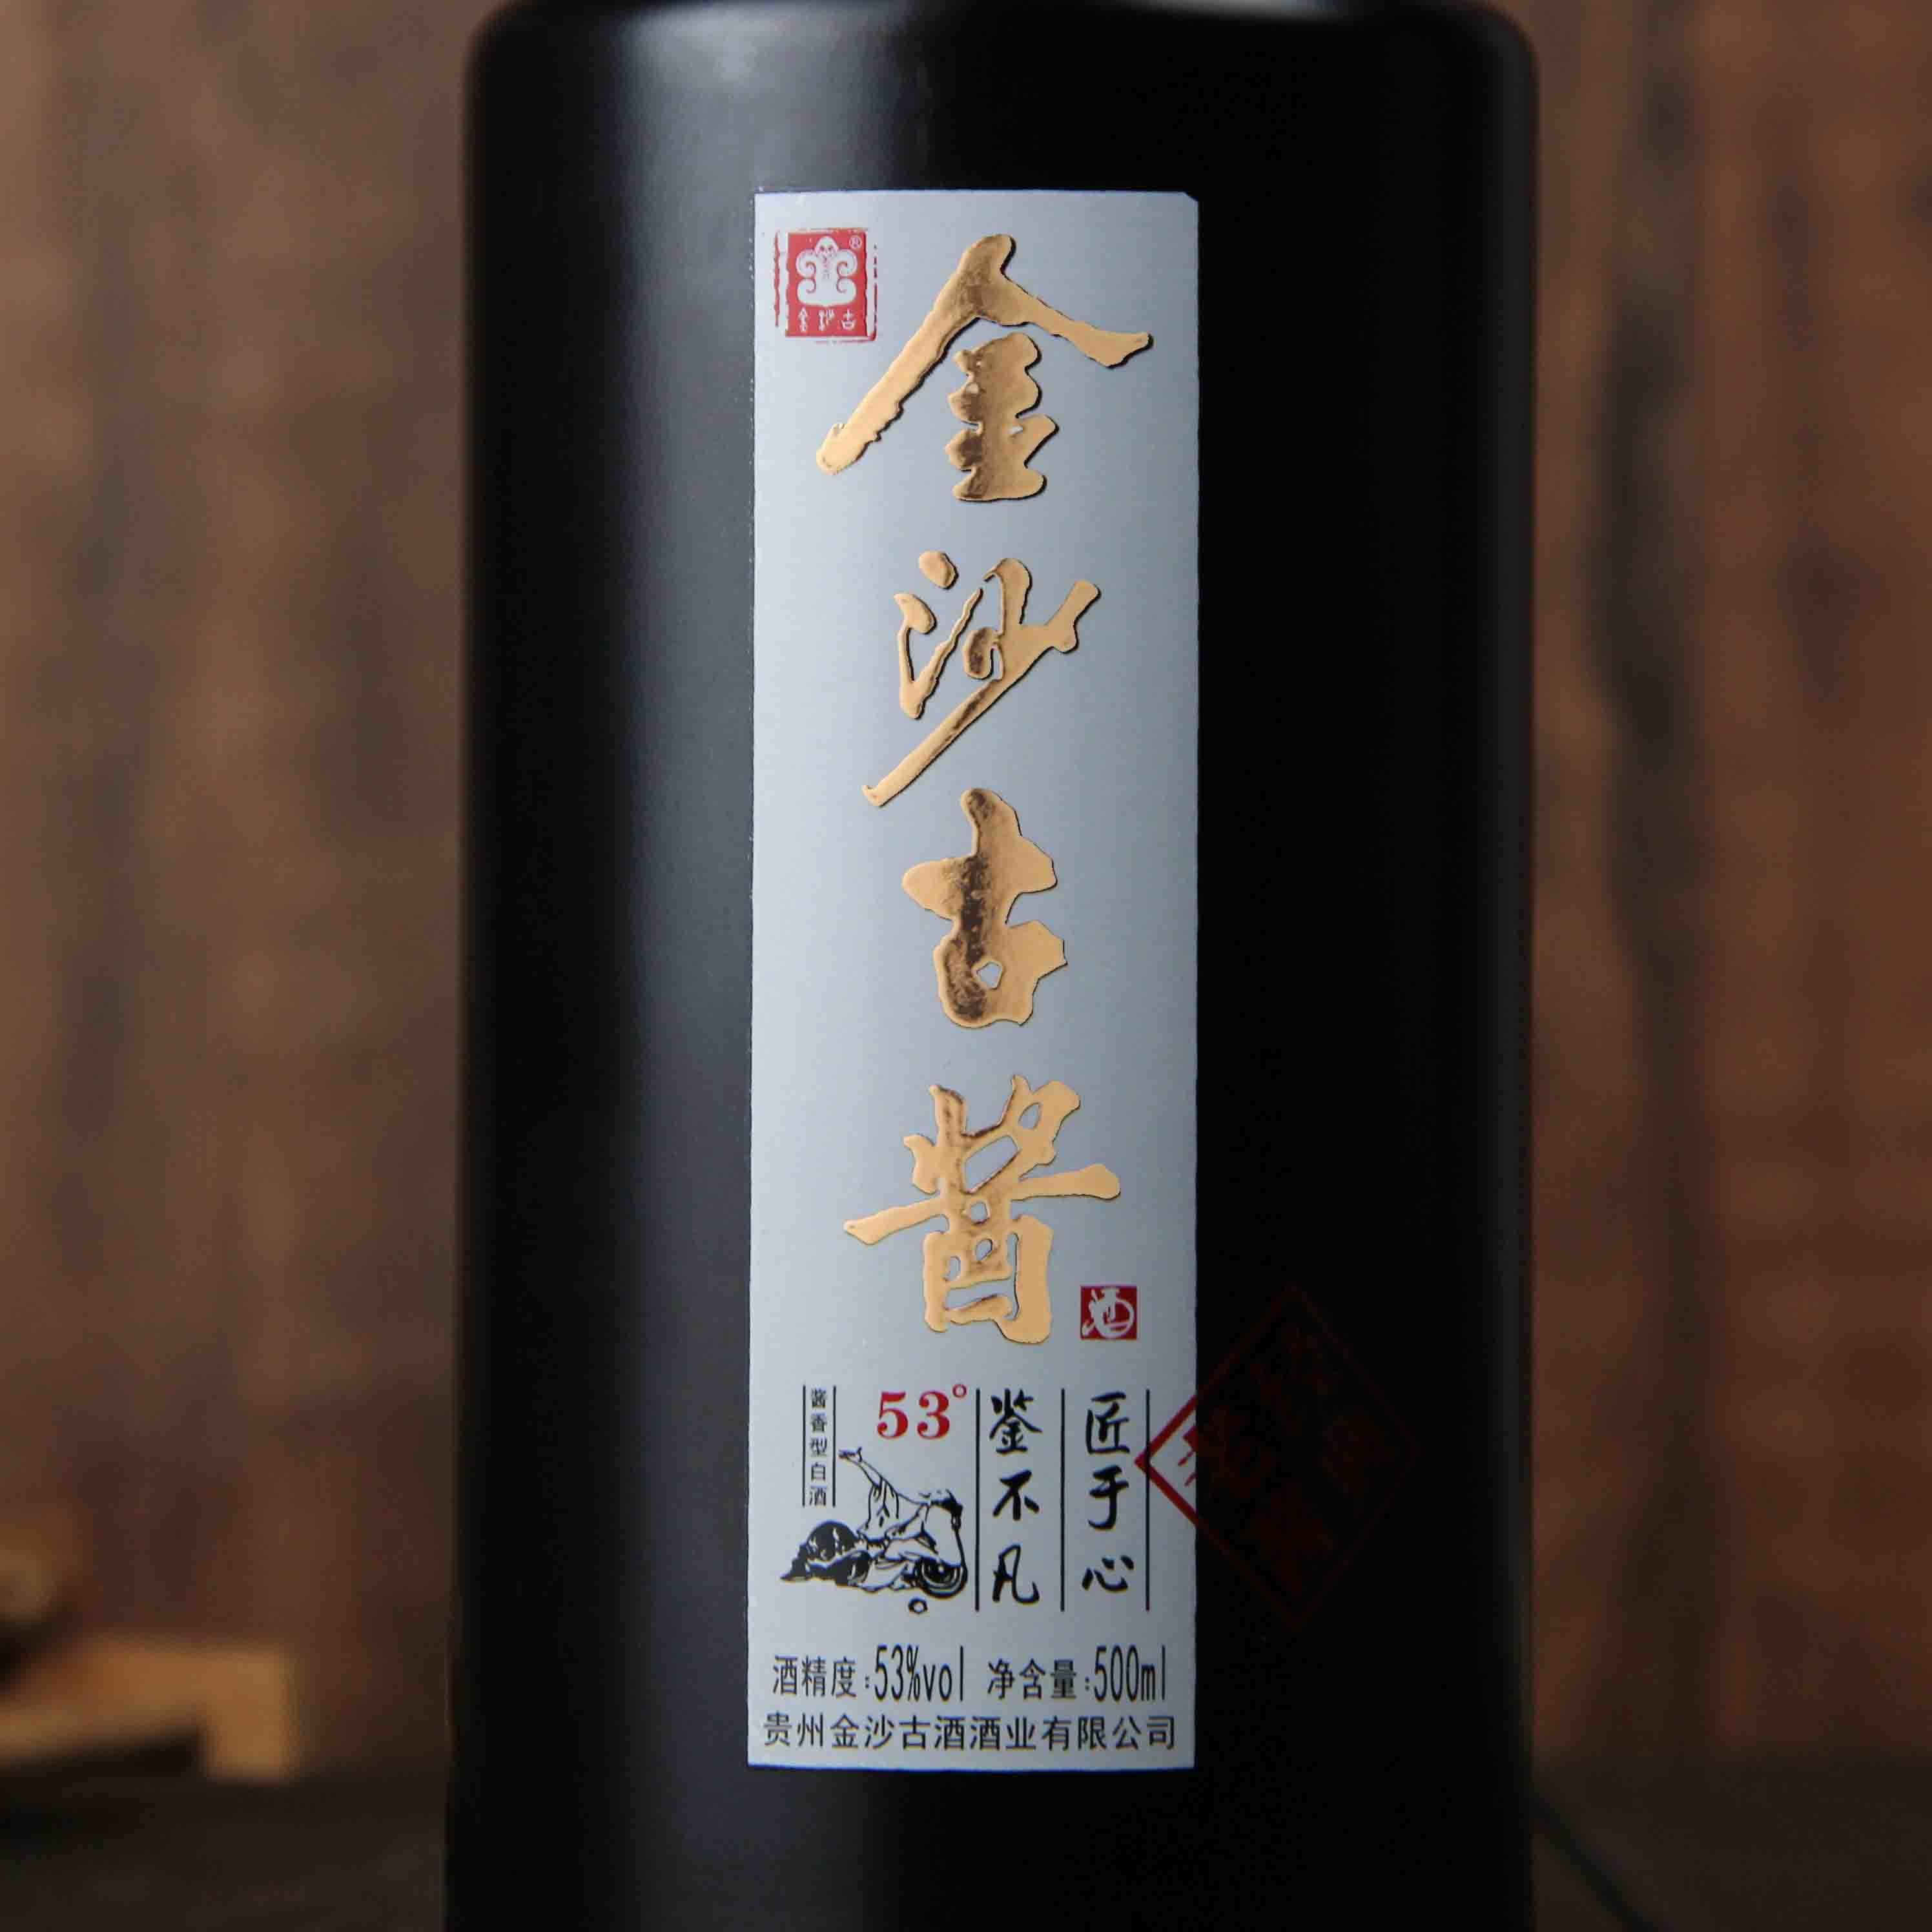 中国贵州金沙古酱酒-经典老酱酱香型白酒